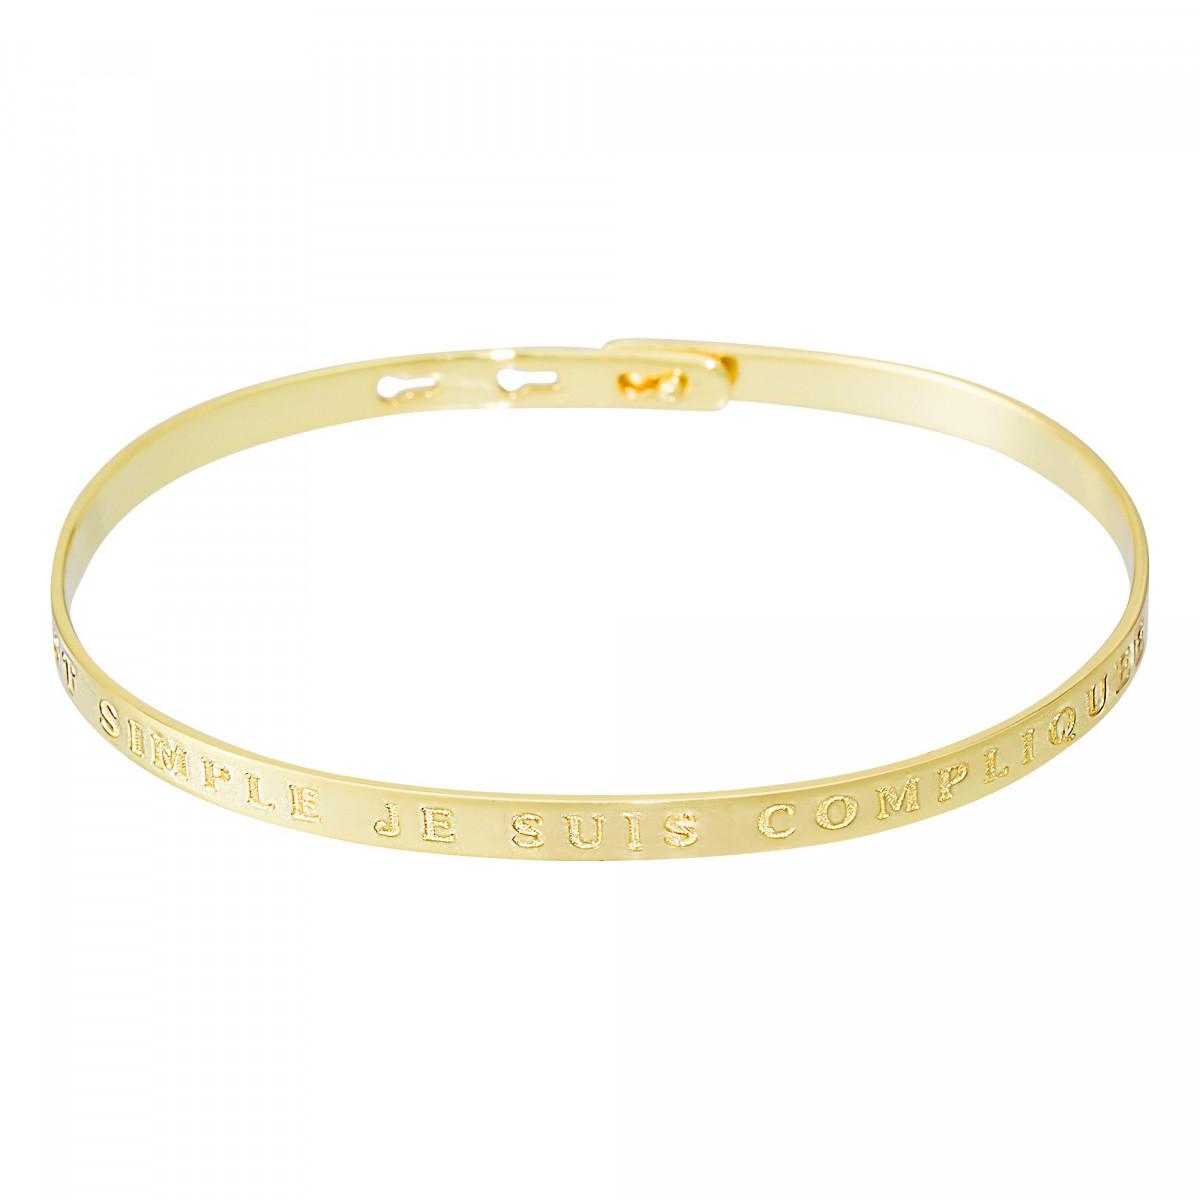 """Bracelet Jonc à message """"C""""EST SIMPLE JE SUIS COMPLIQUEE"""" doré"""